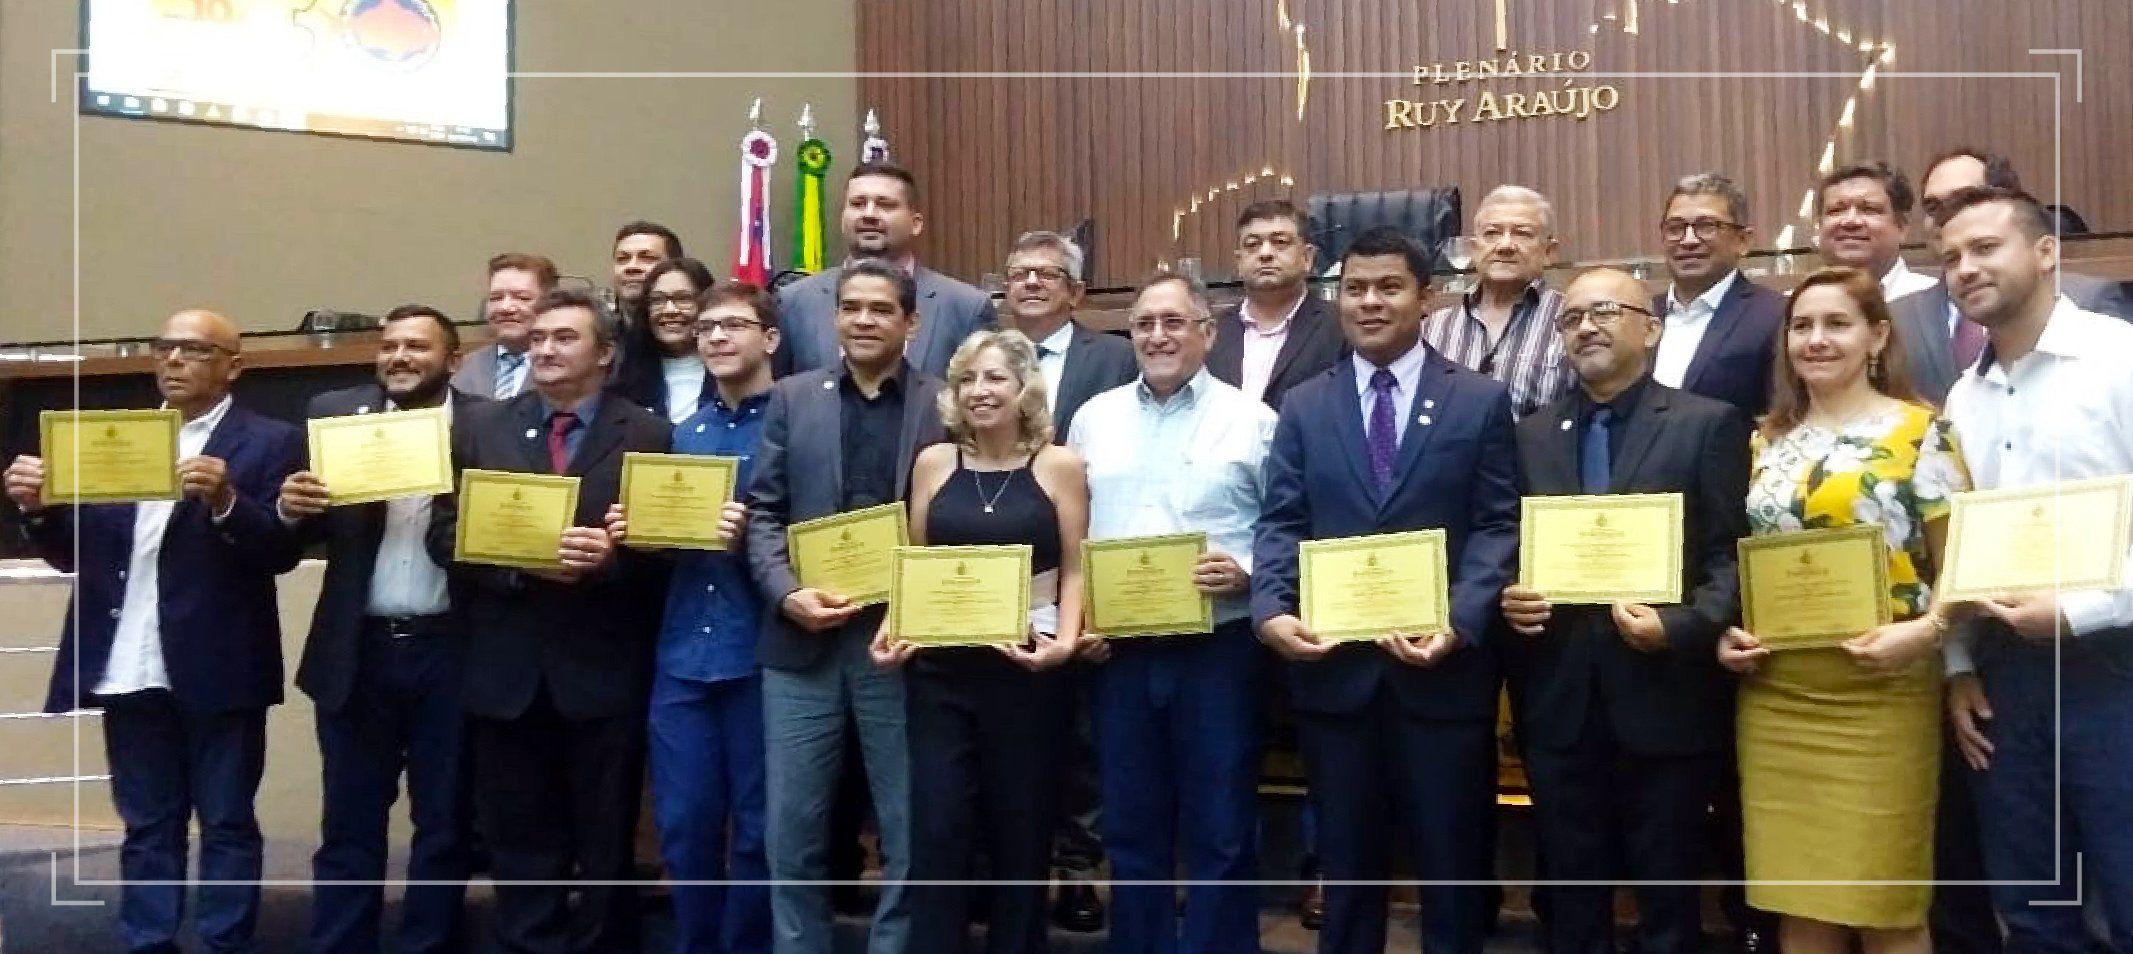 Professores do curso de Engenharia de Pesca da Ufam são homenageados na Assembleia Legislativa do Estado do Amazonas